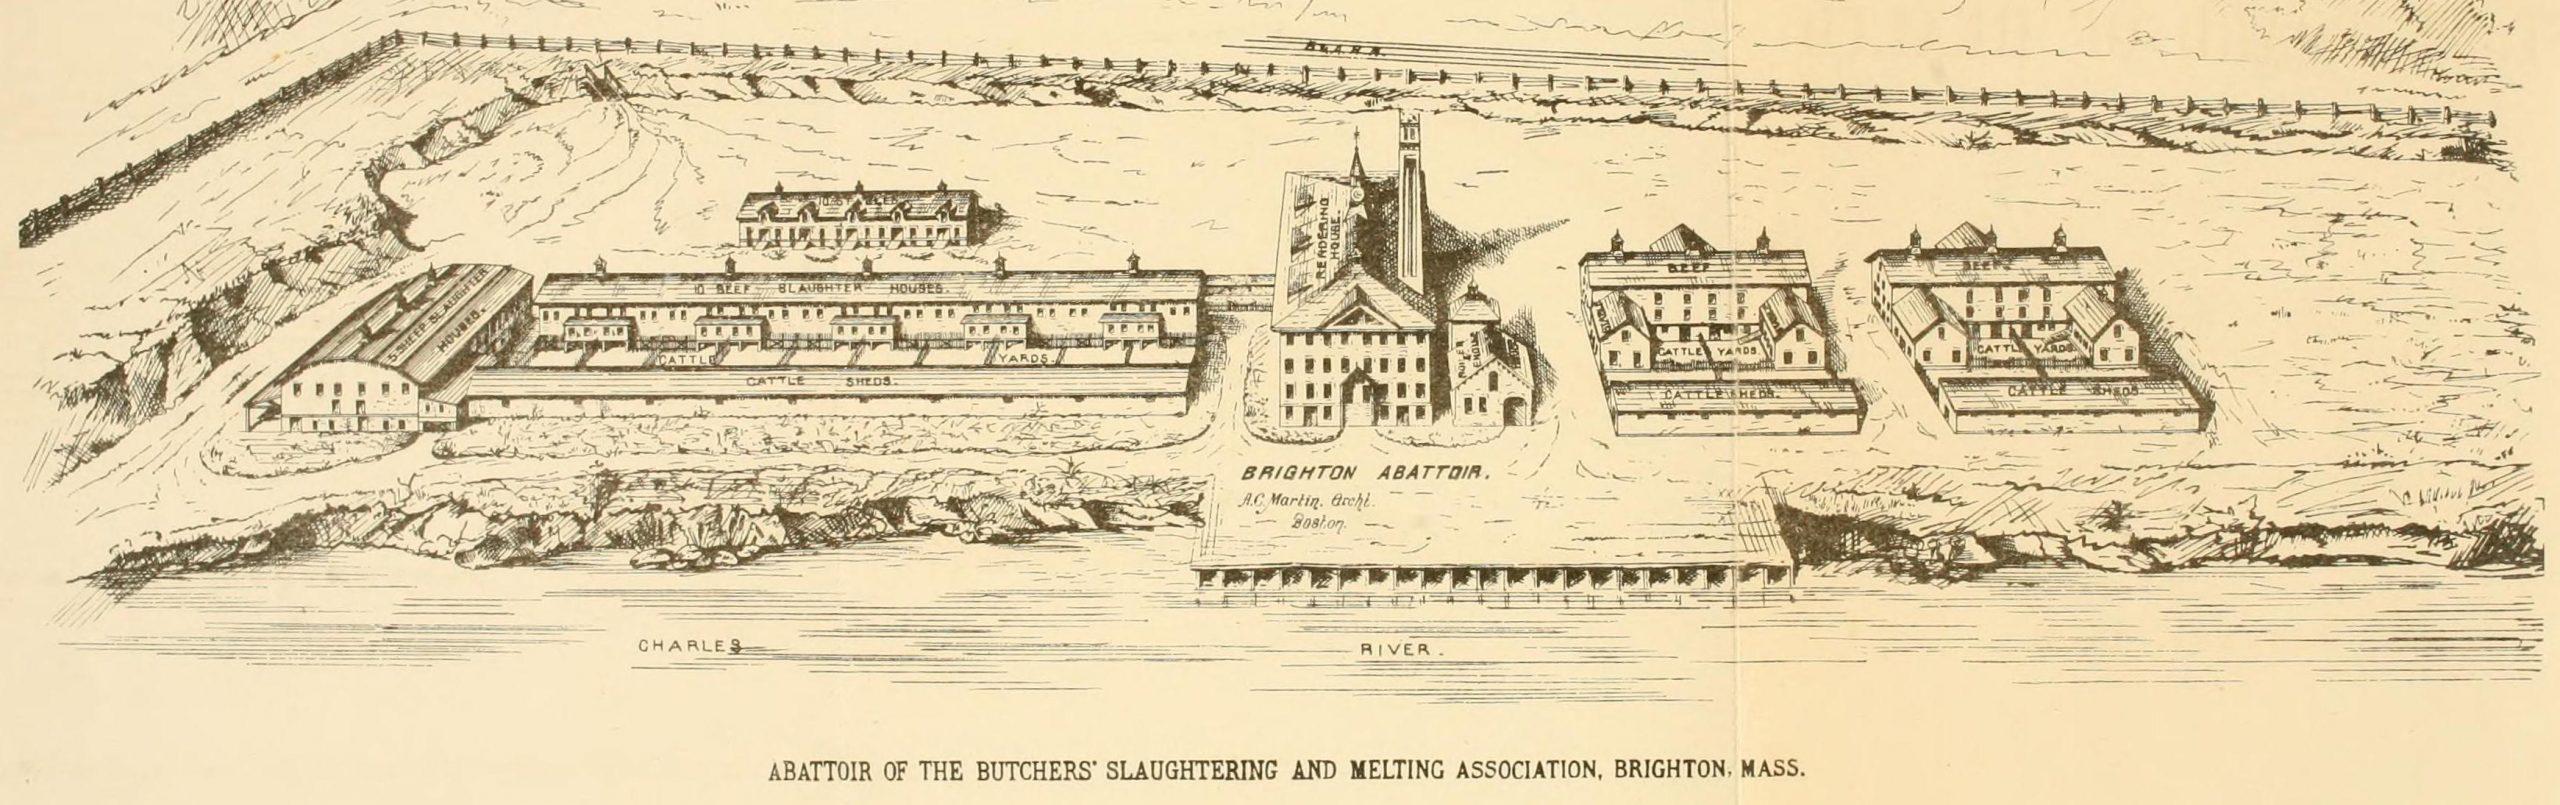 The Brighton abattoir complex